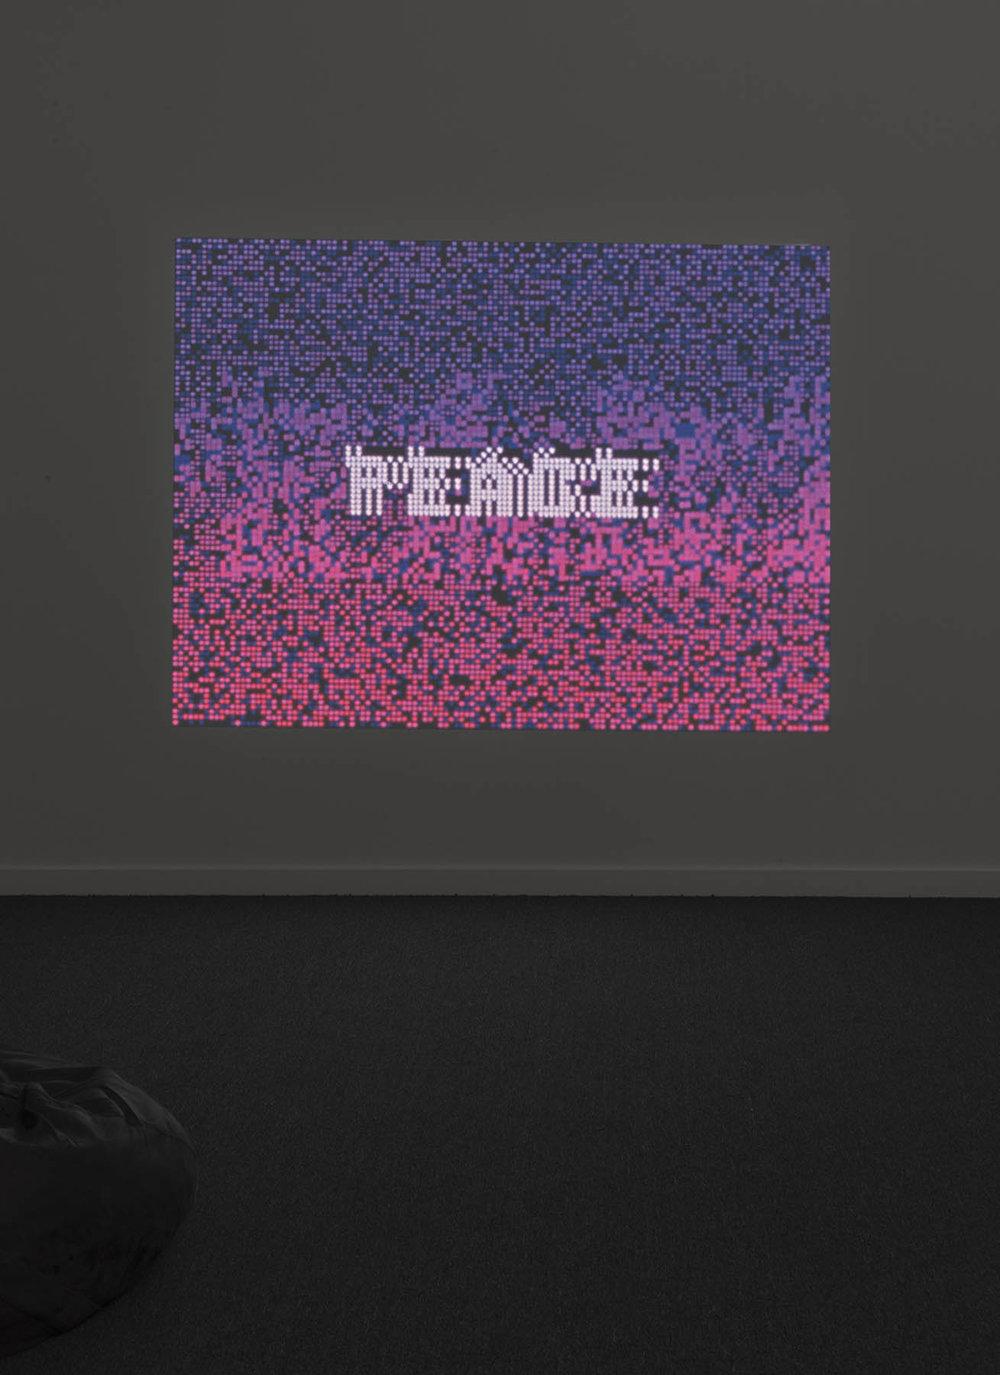 Poemfield No. 7 installation view